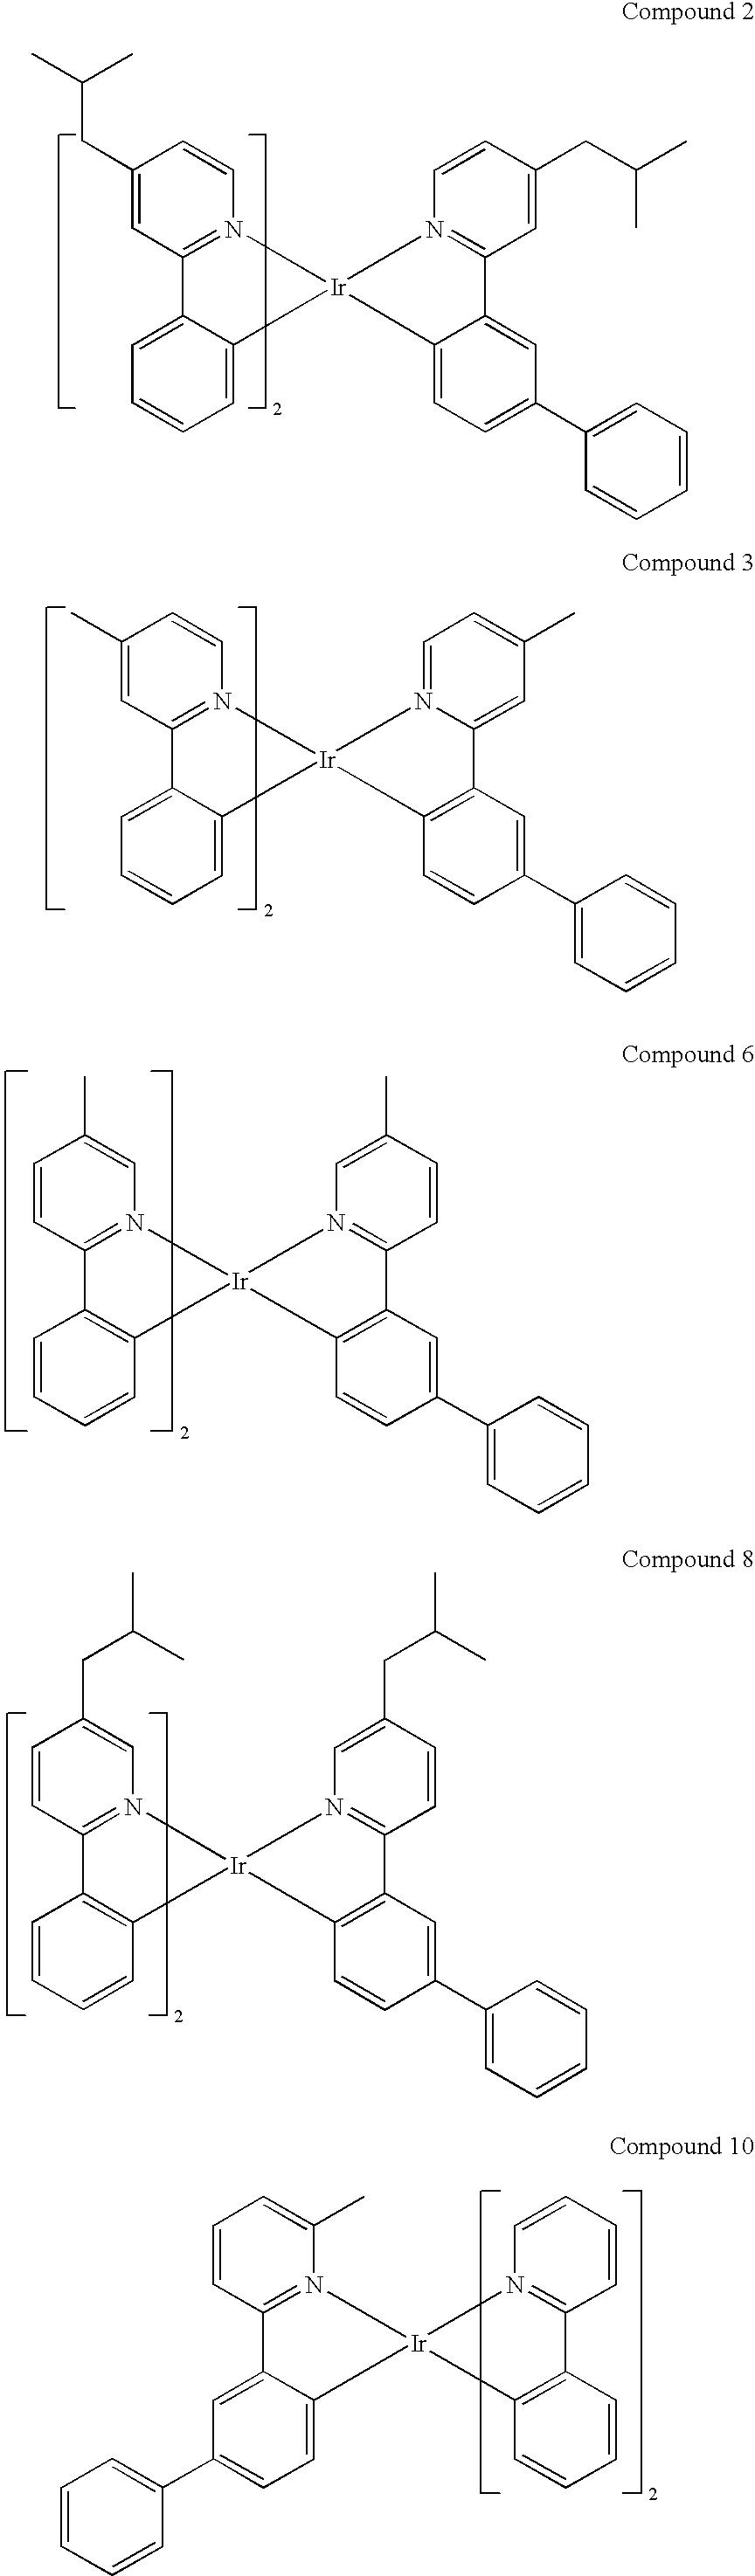 Figure US20090108737A1-20090430-C00206